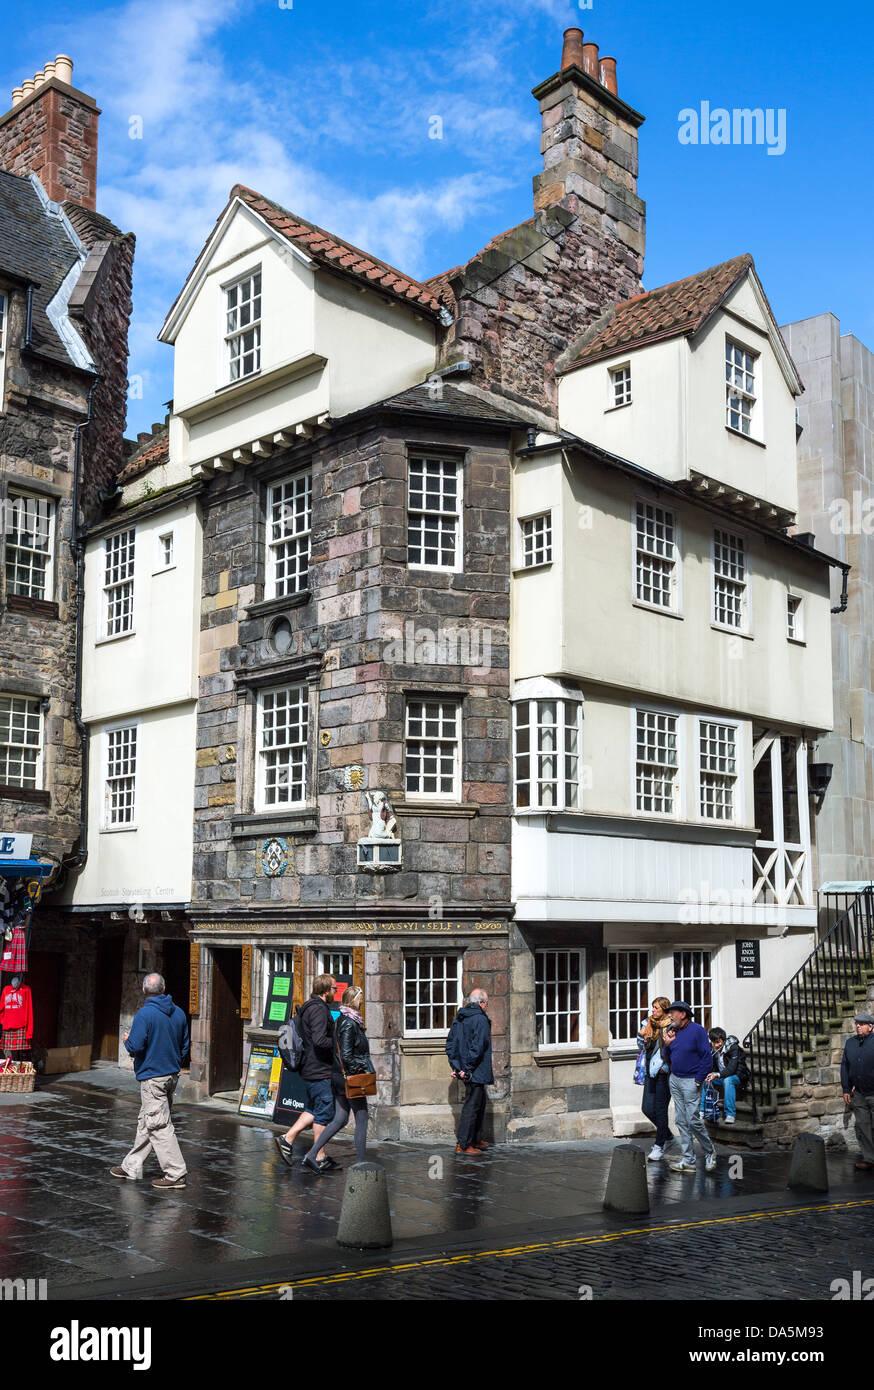 Europe Grande-Bretagne, Ecosse, Edimbourg, Royal Mile, Canongate, la maison de John Knox. Banque D'Images